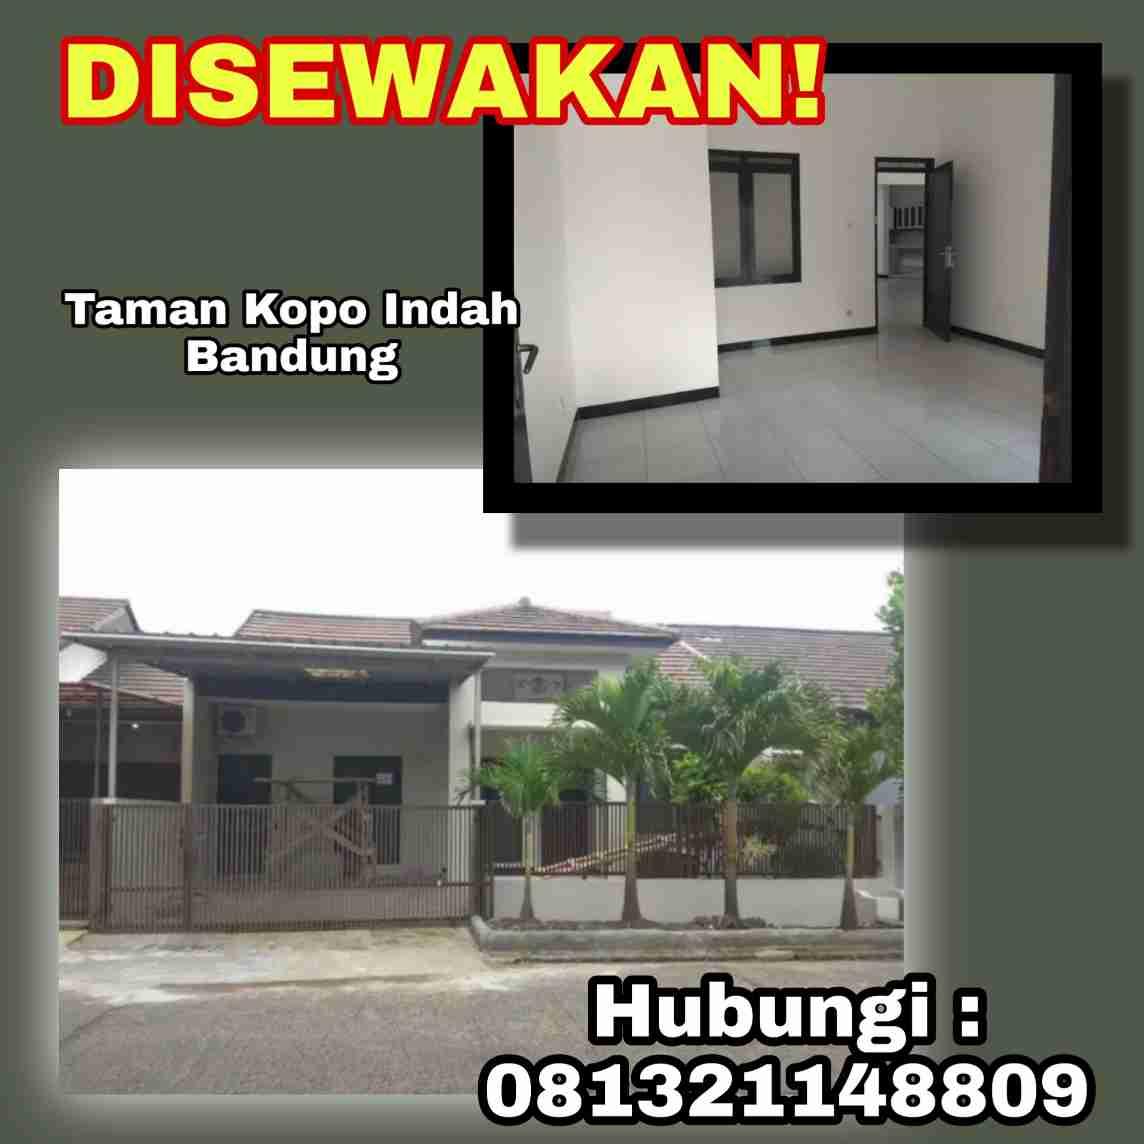 Disewakan Rumah Taman Kopo Indah Bandung Nyaman